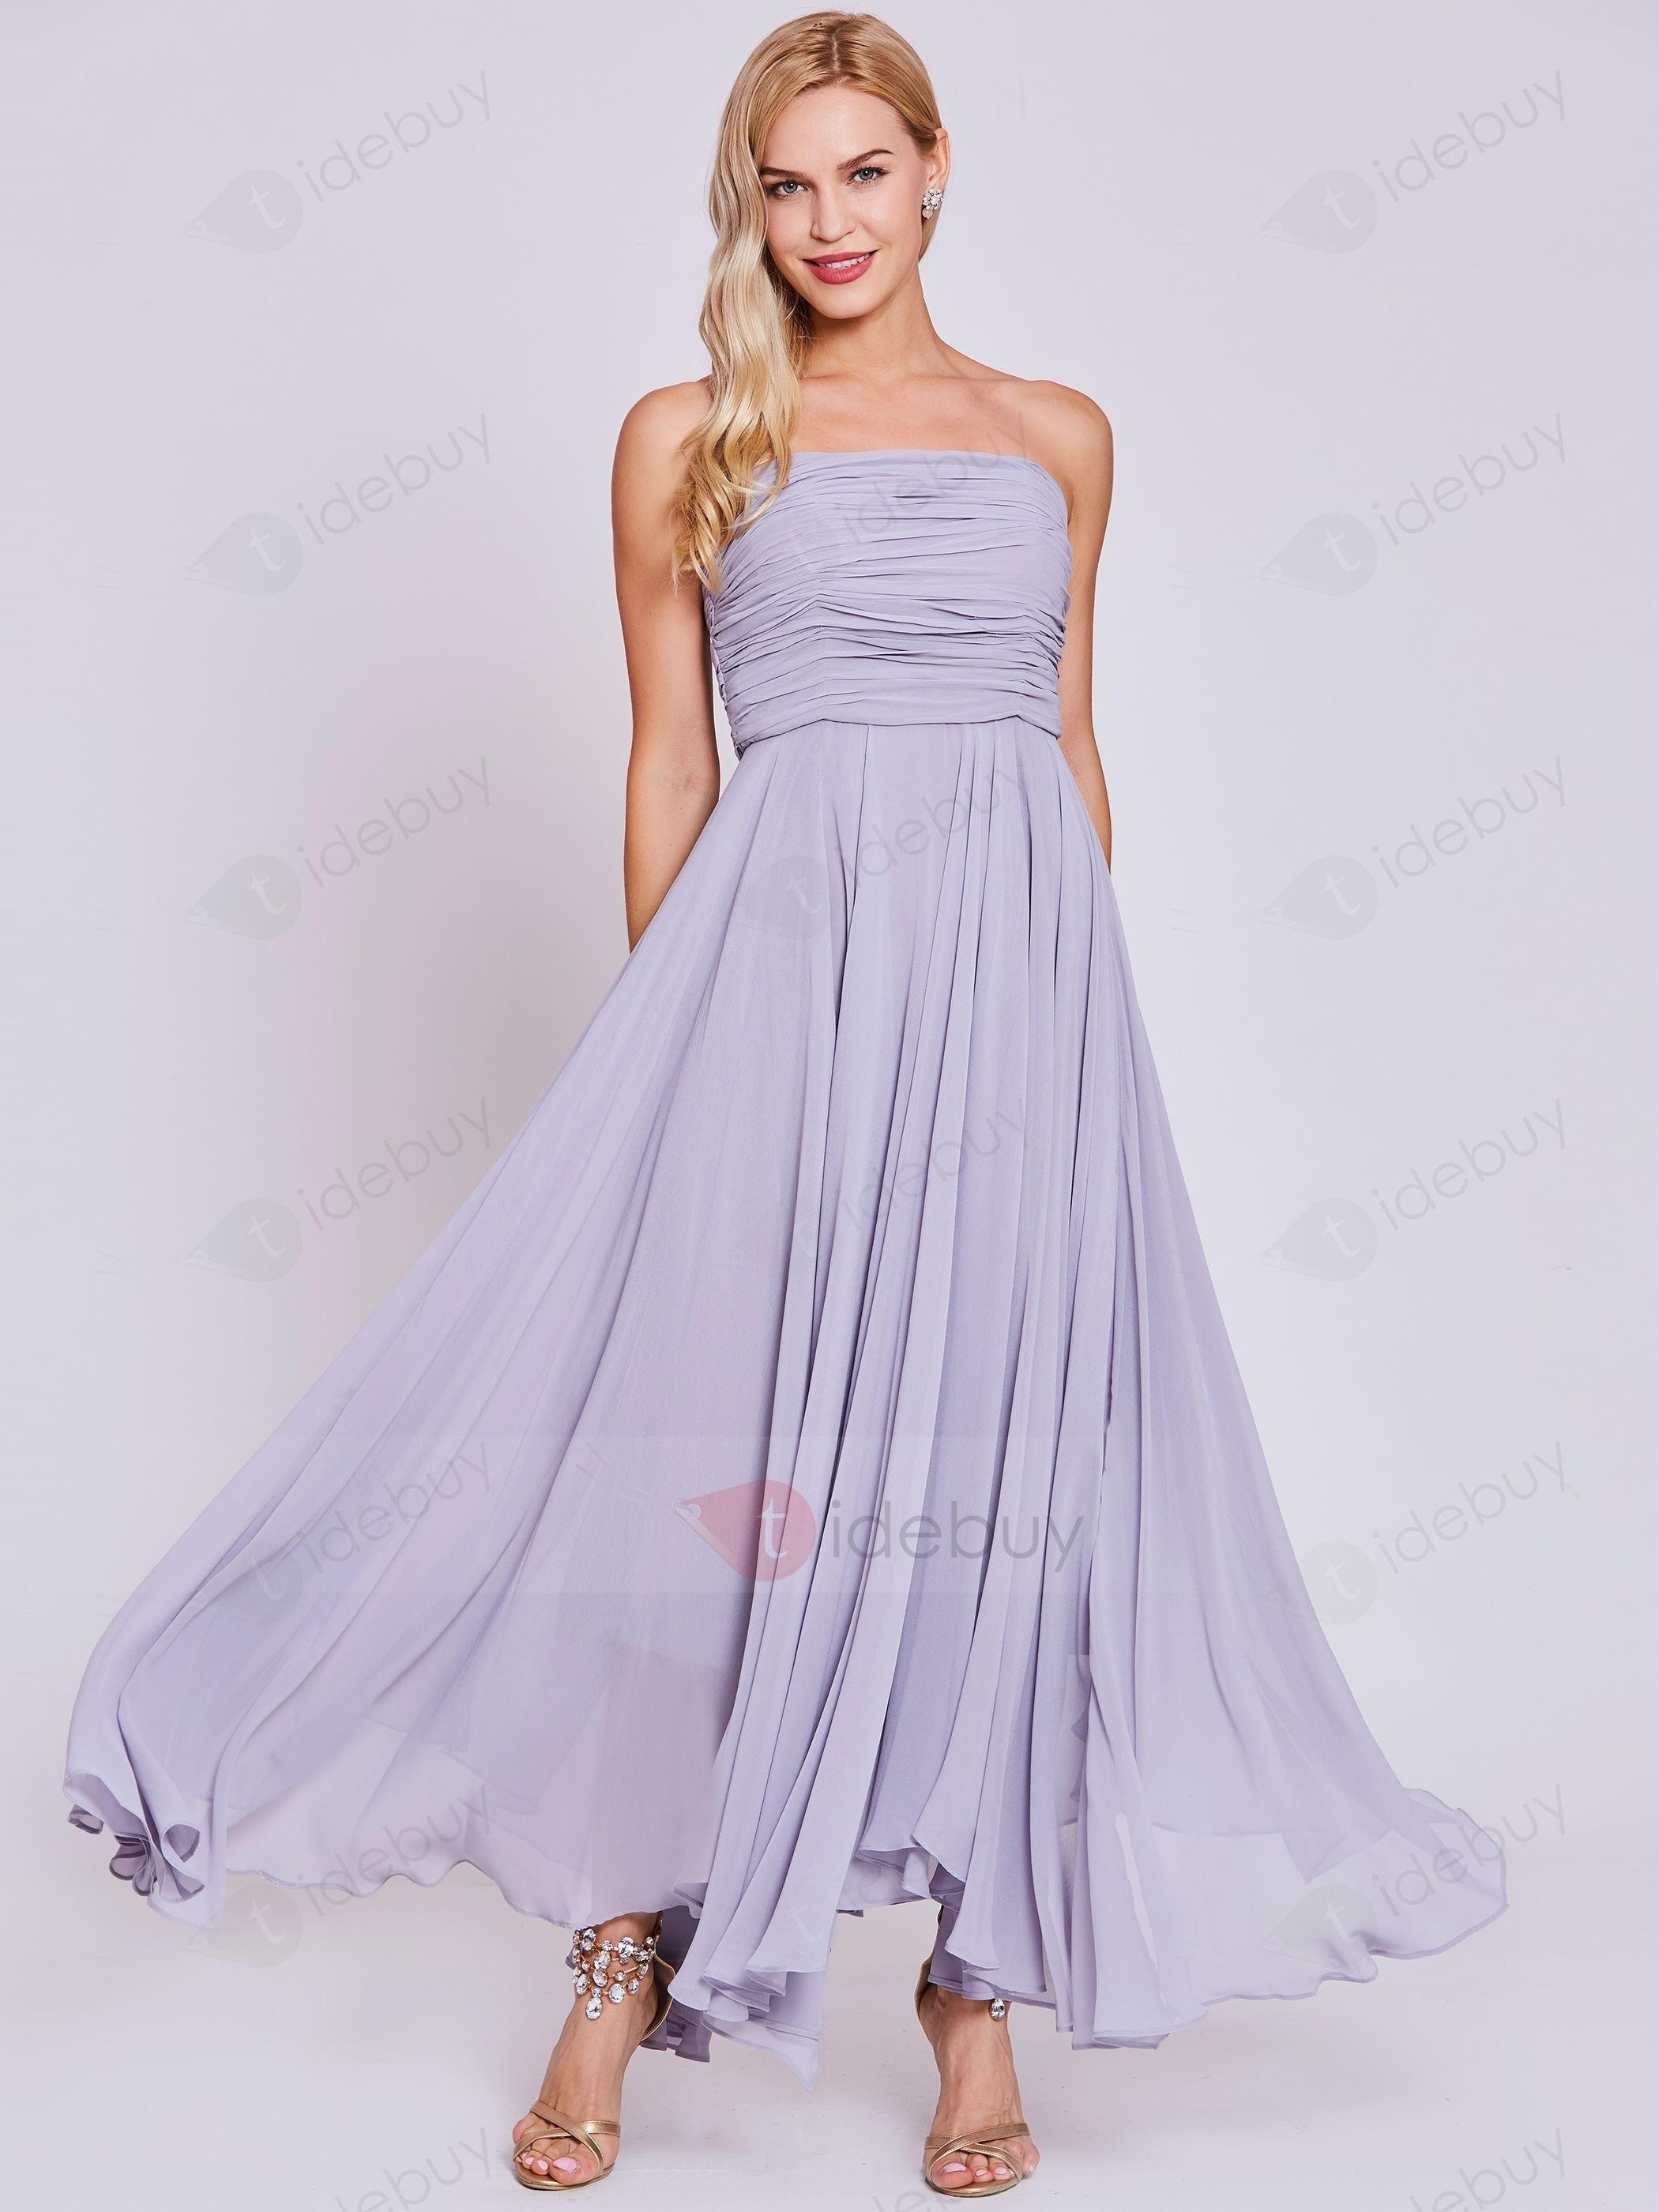 Schön Abendkleider Knöchellang ÄrmelDesigner Einfach Abendkleider Knöchellang Spezialgebiet